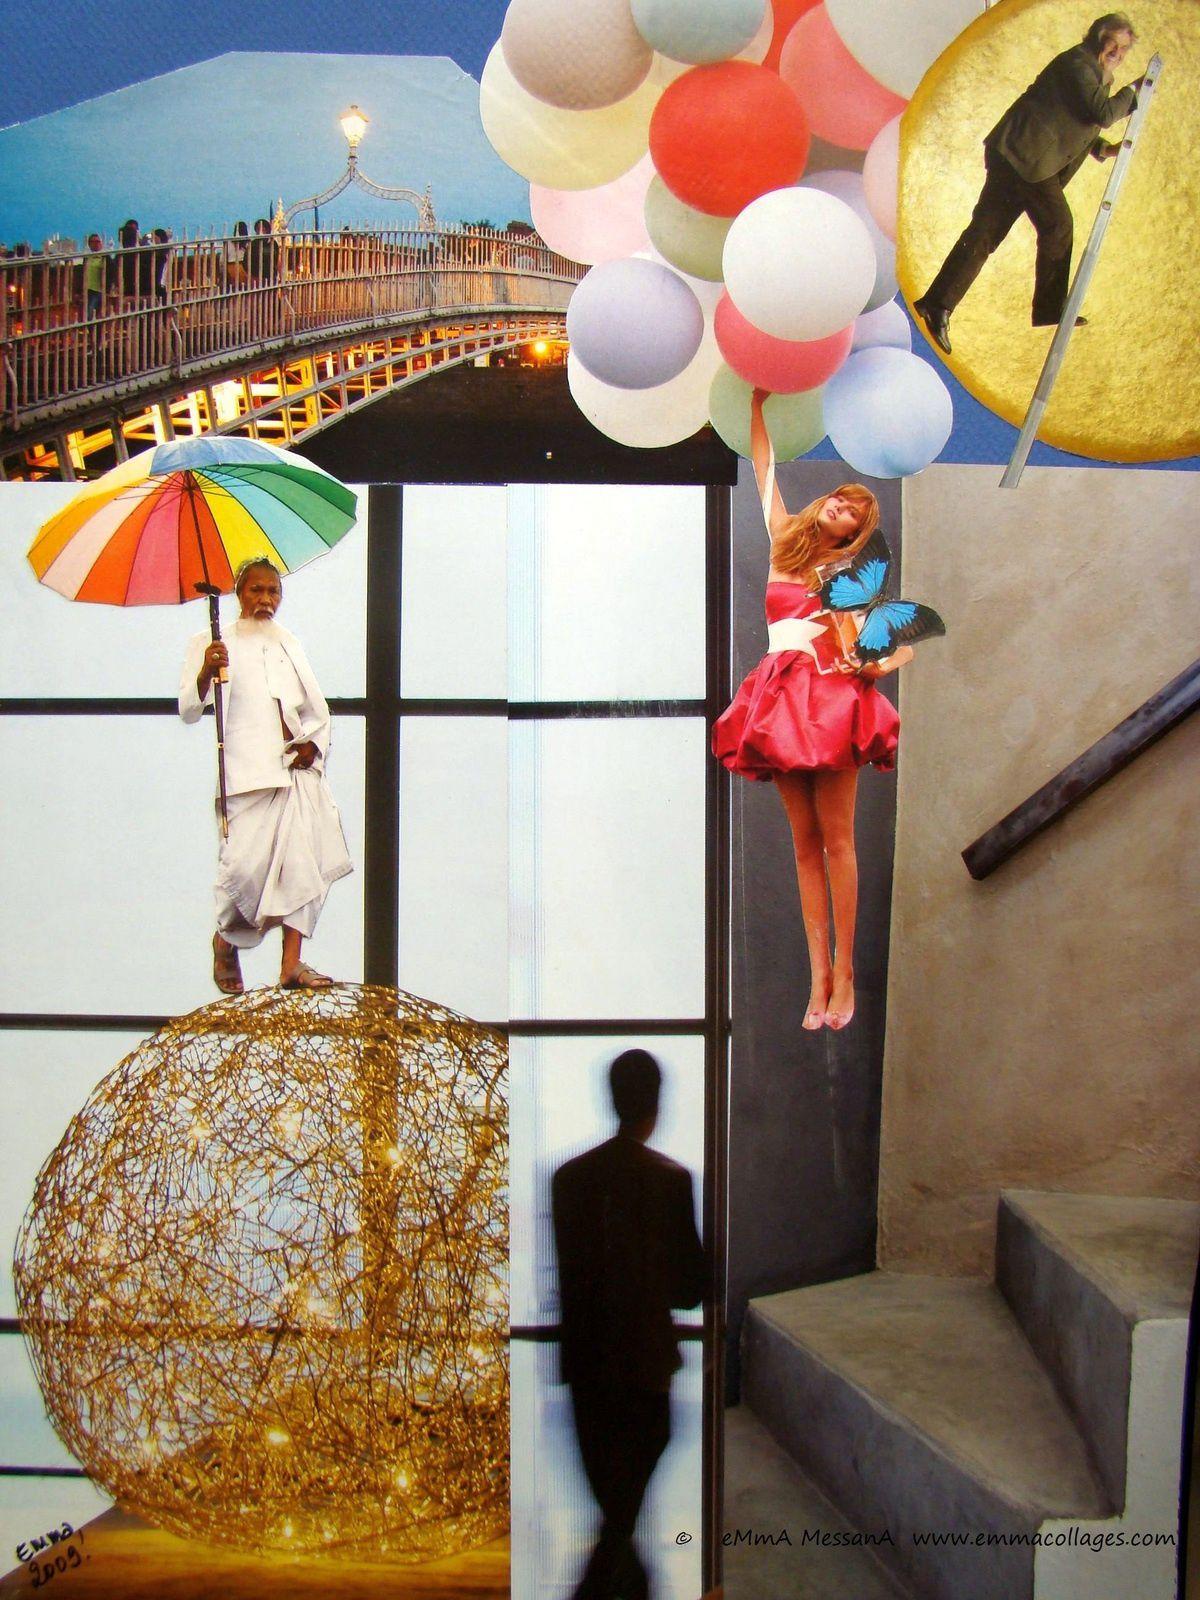 """Les Collages d'eMmA MessanA, collage """"L'ombre d'Icare"""", piièce unique"""